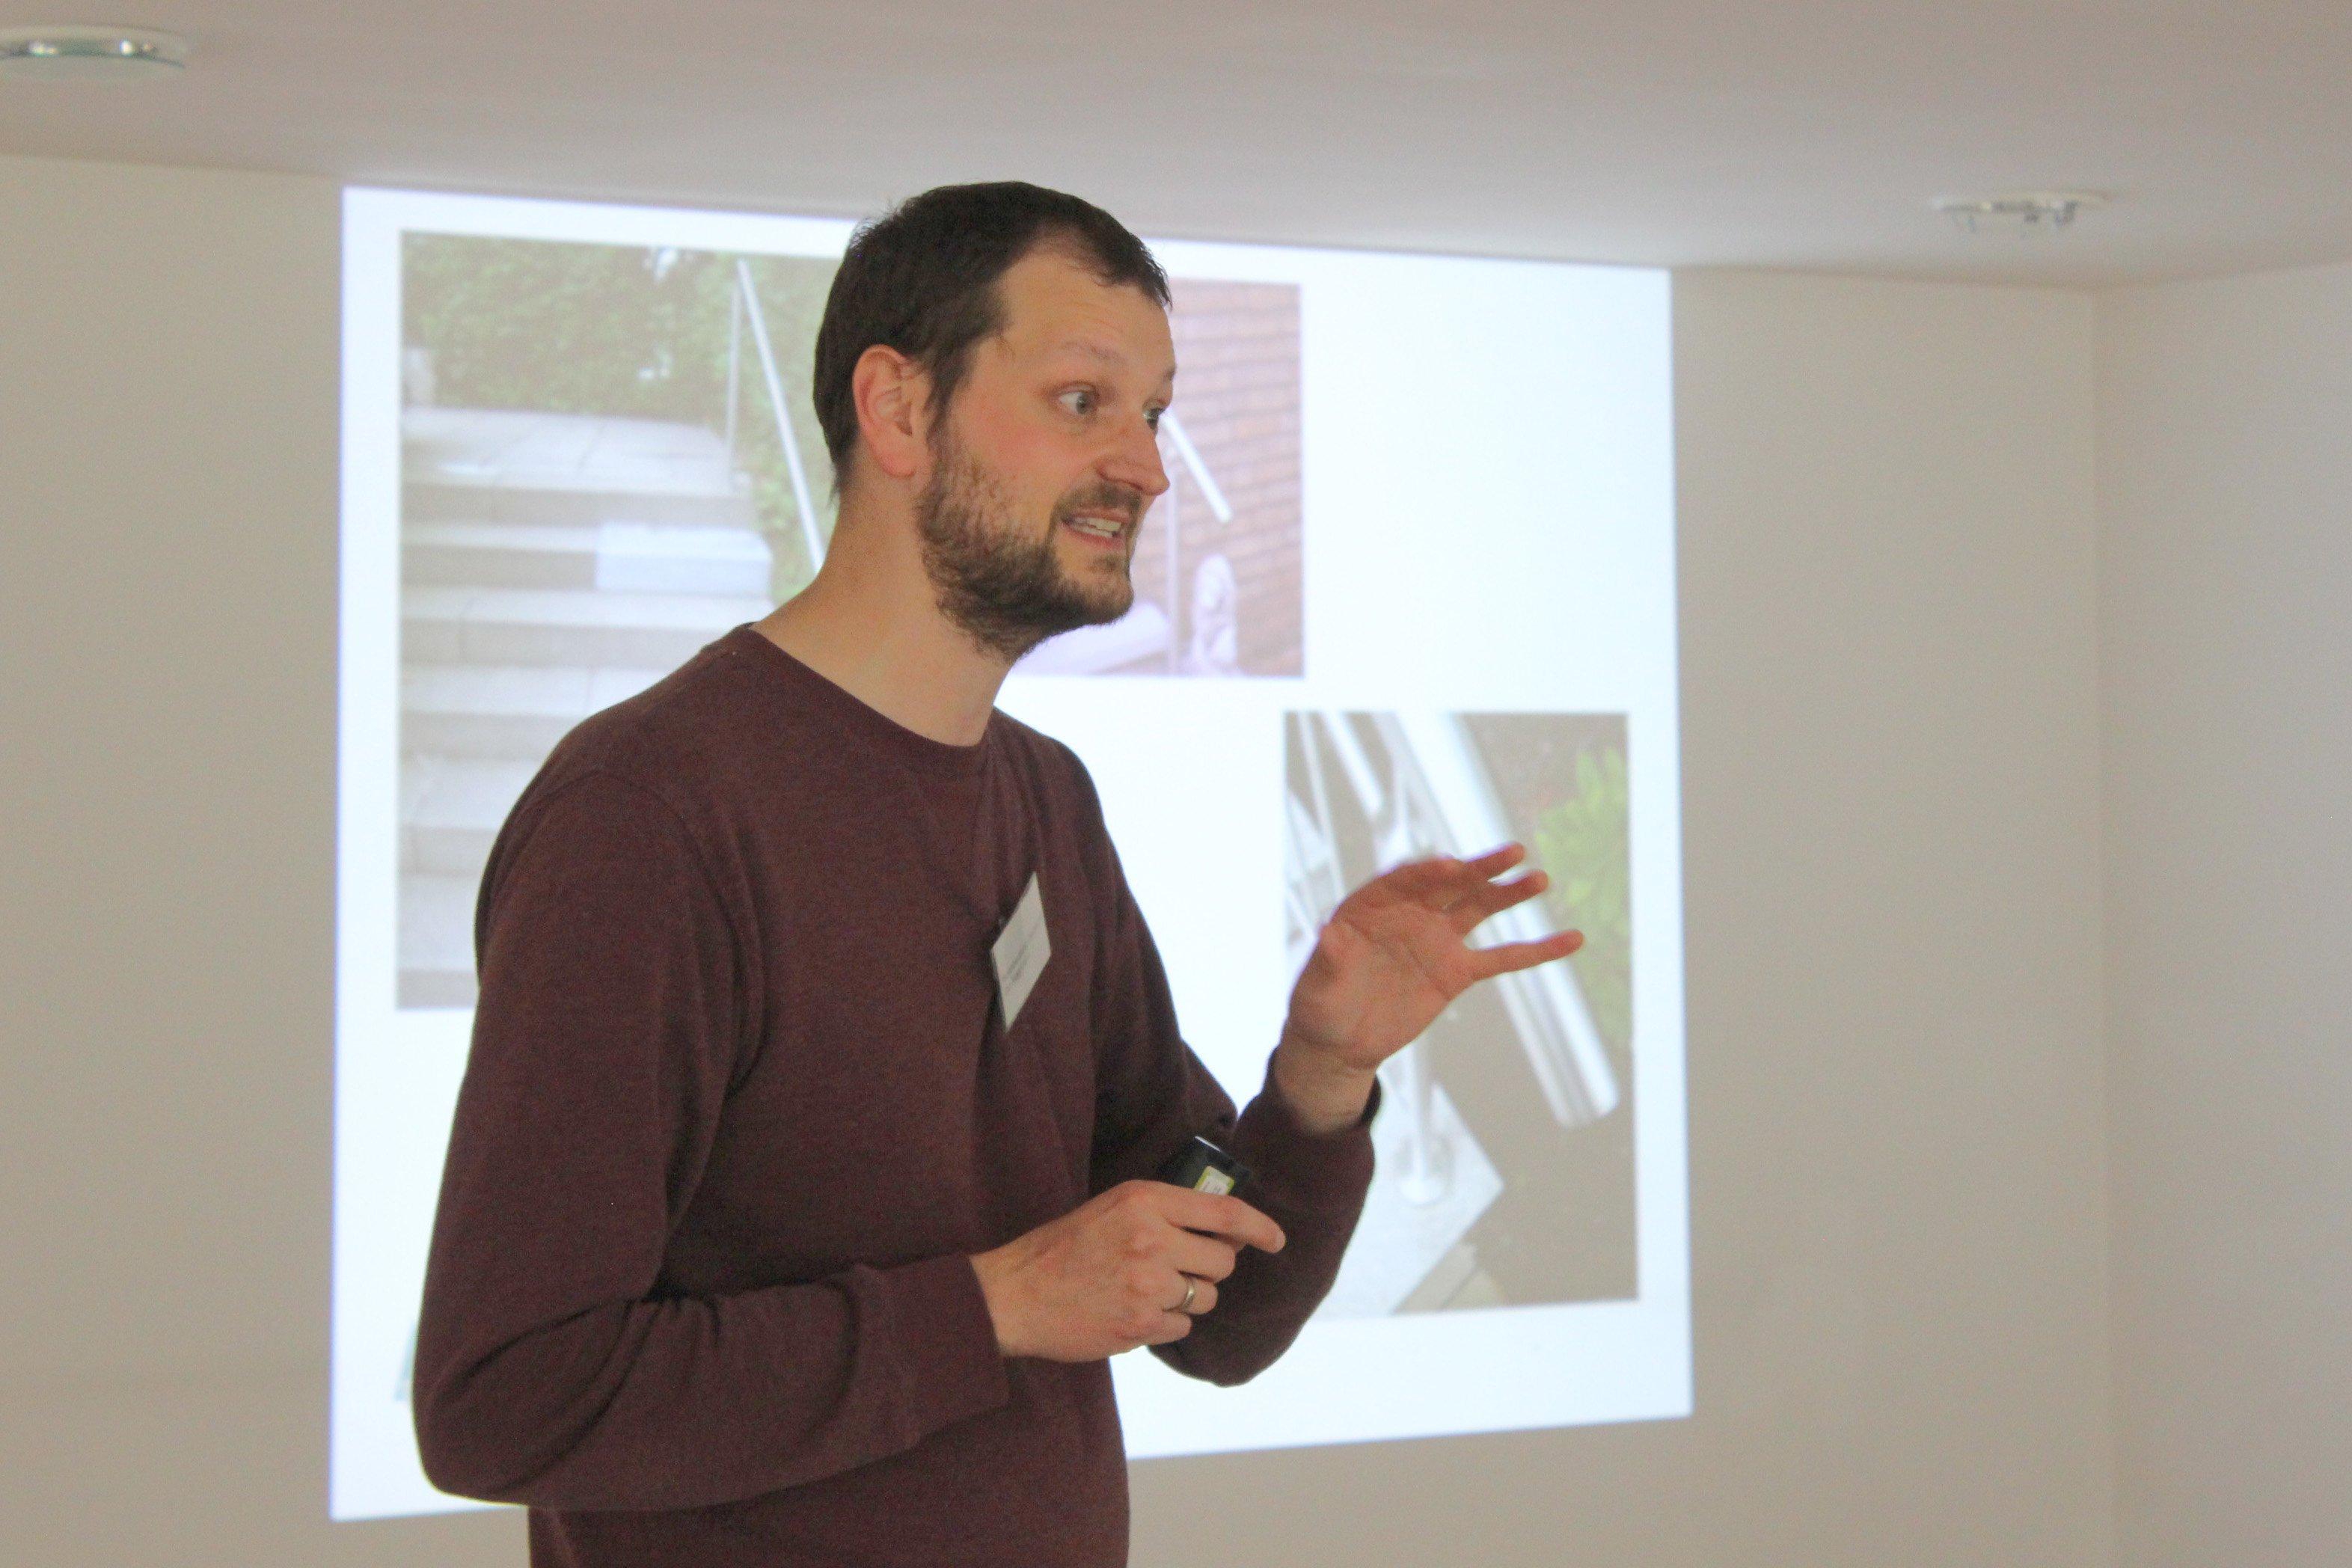 Jan Hoppmann vom Kreuzviertel-Verein bereitet auch schwierigere Themen locker und leicht verständlich auf. (Foto: IN-StadtMagazine)